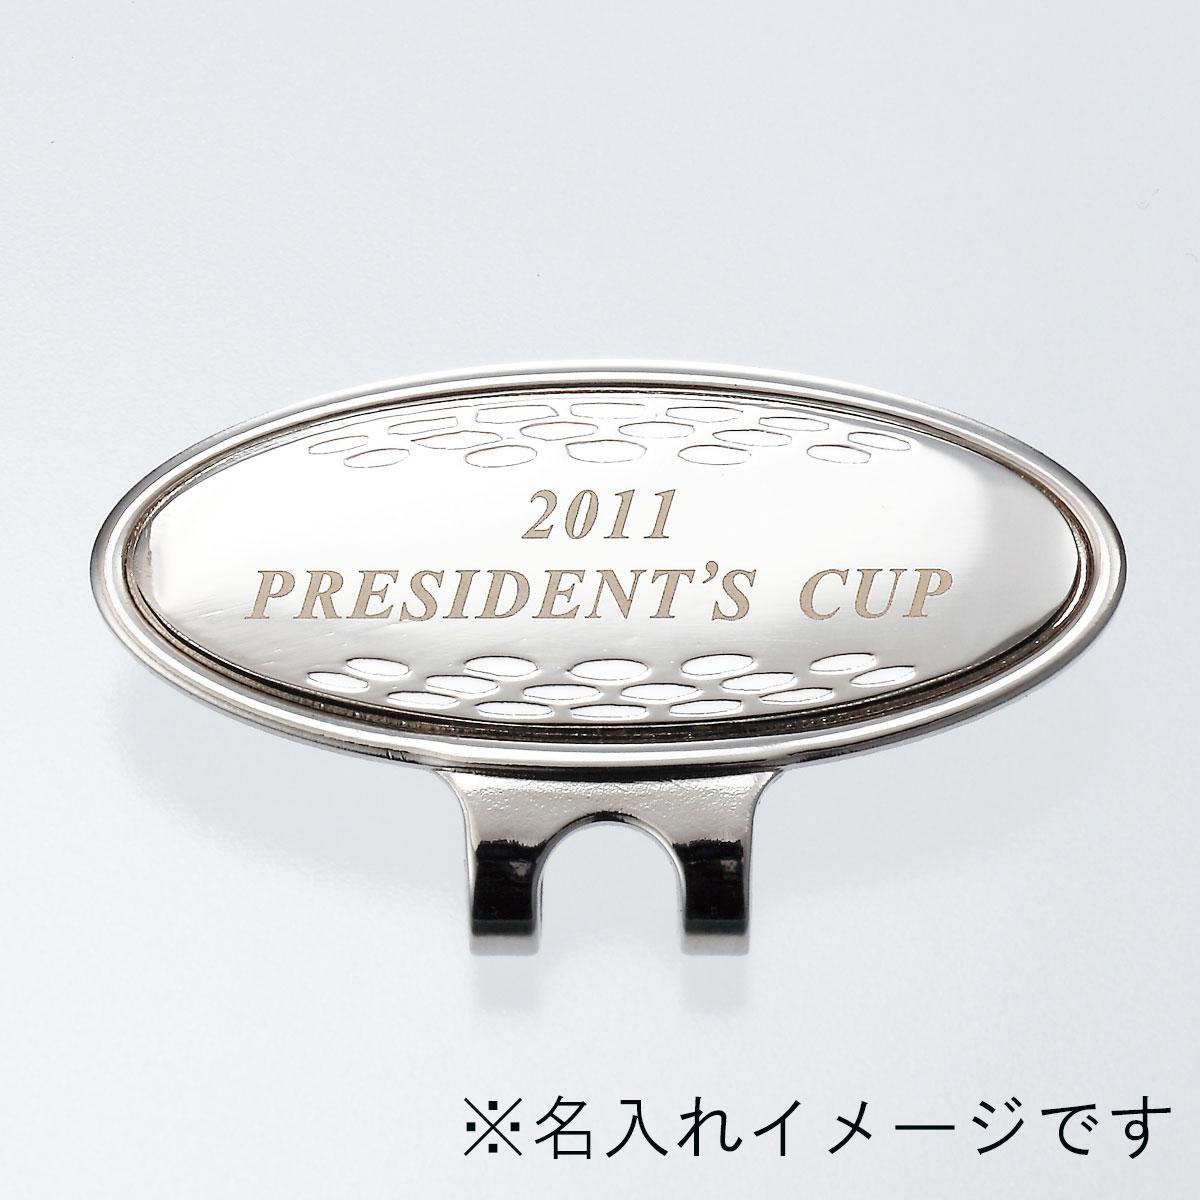 クリップ付ゴルフマーカー&グリーンフォークセット